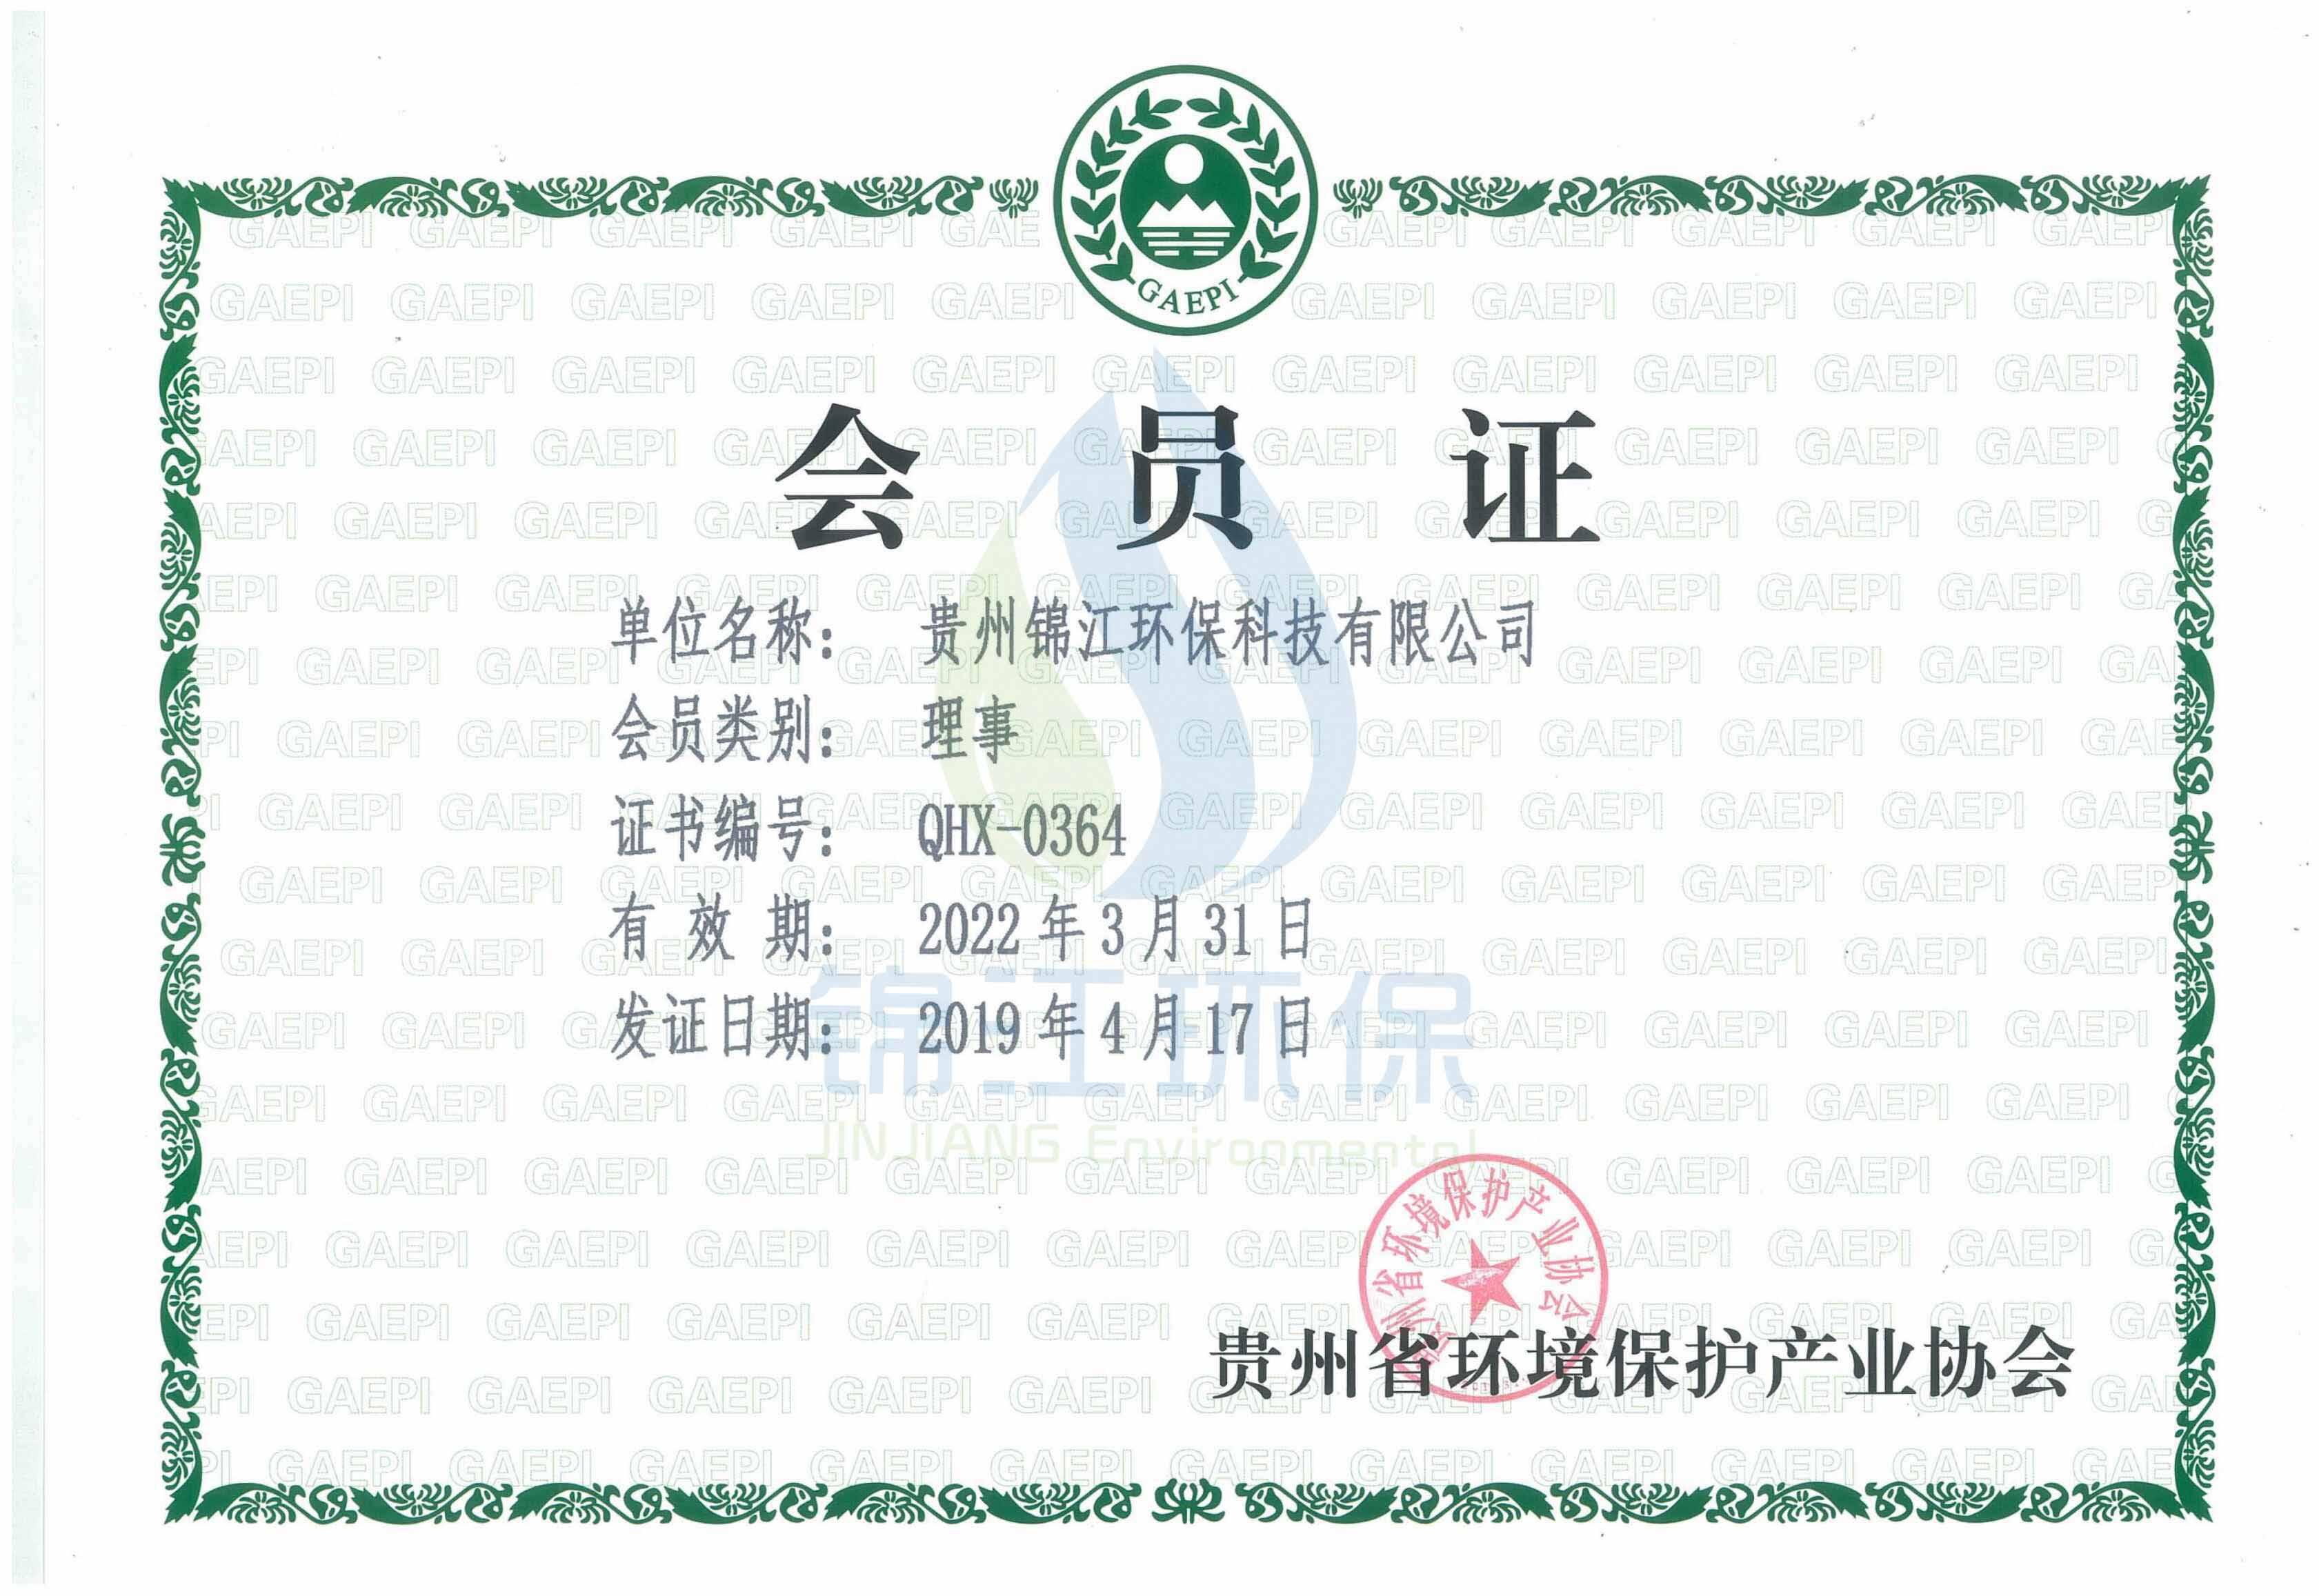 貴州省環保產業協會理事會員